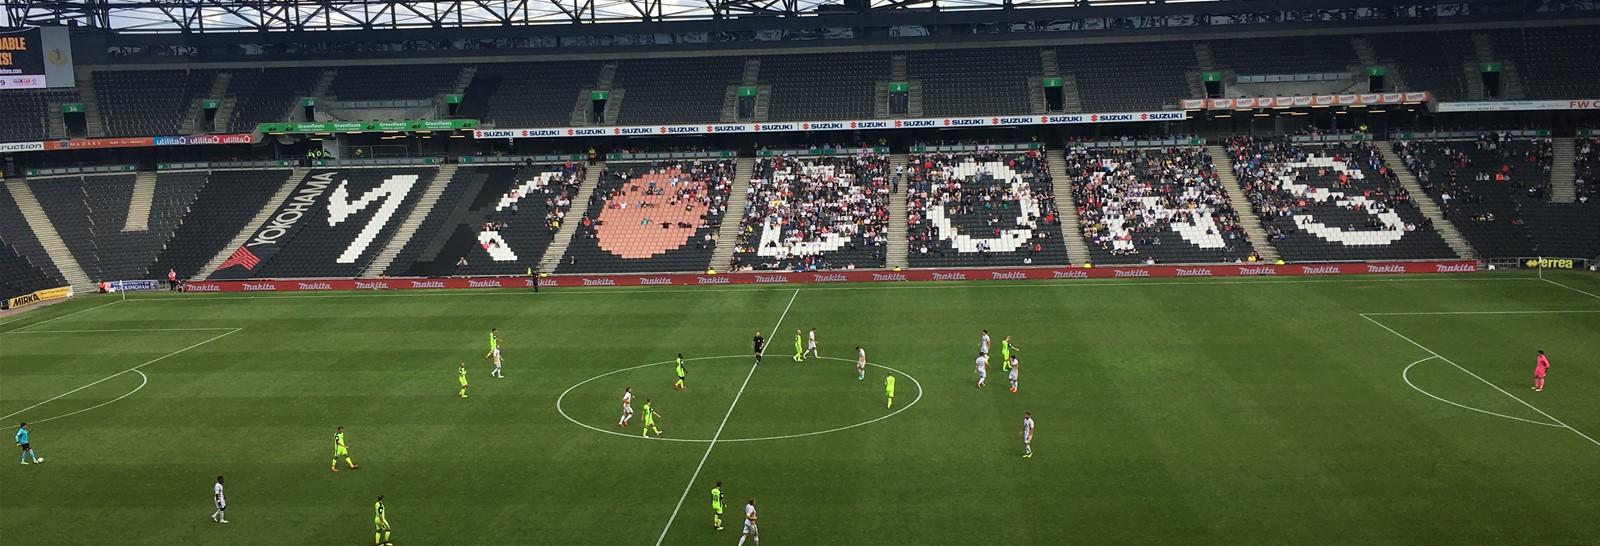 MK Dons match day sponsor